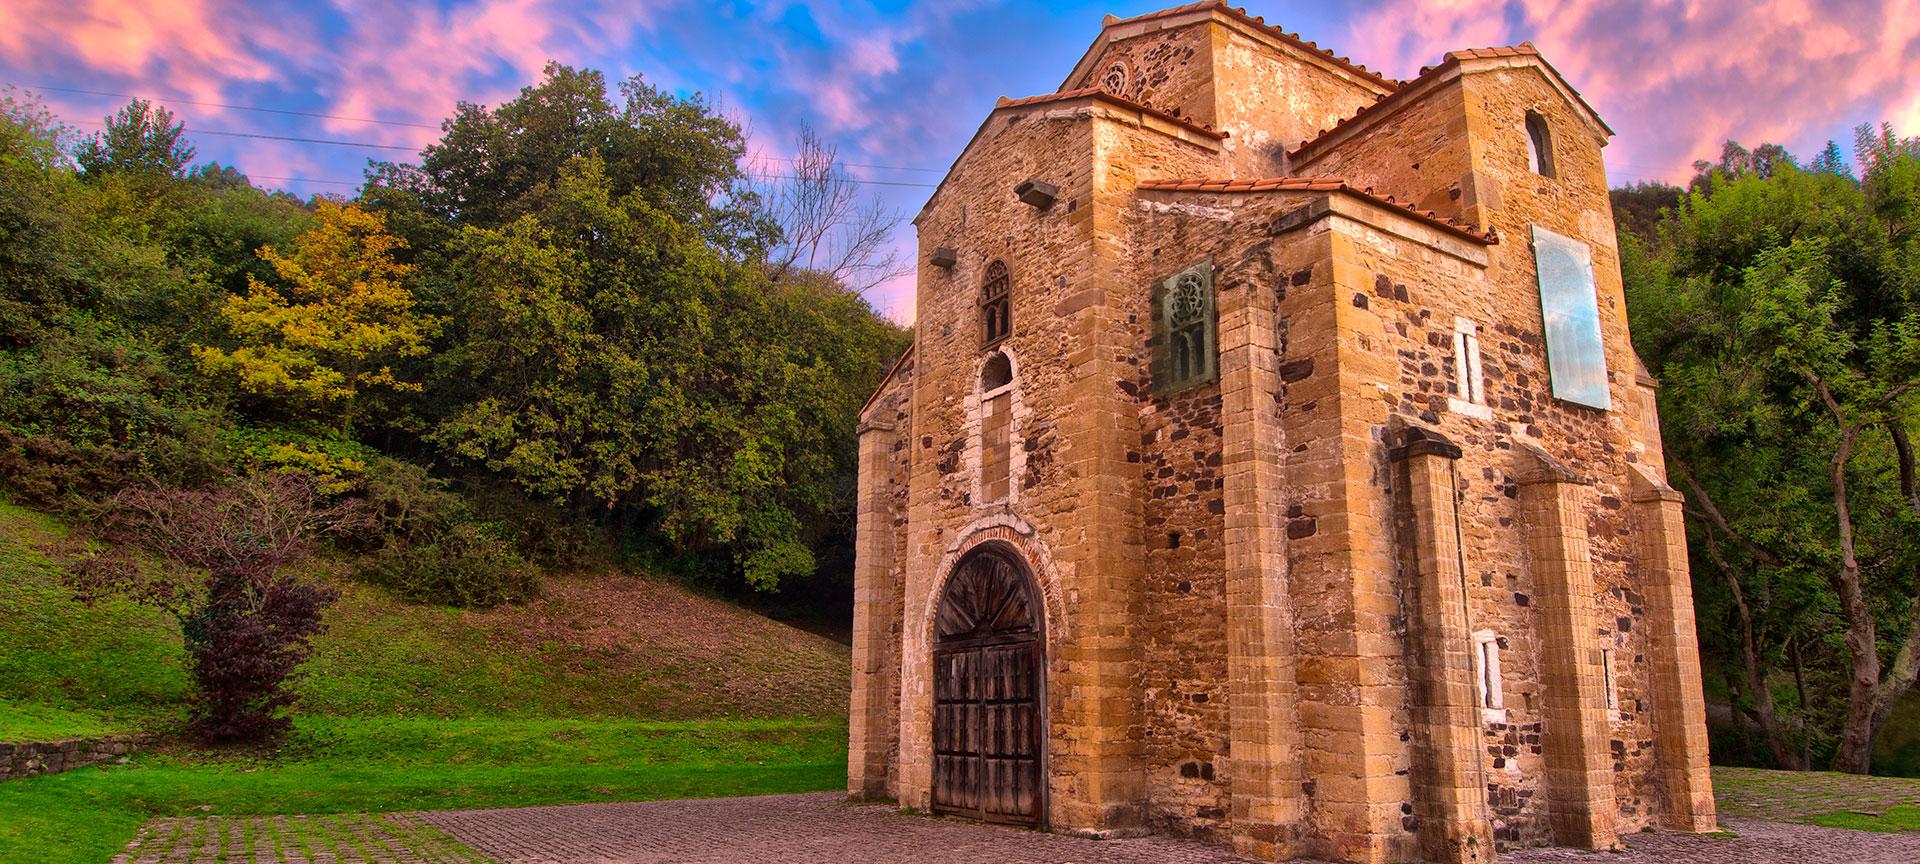 Kirche San Miguel de Lillo in Oviedo